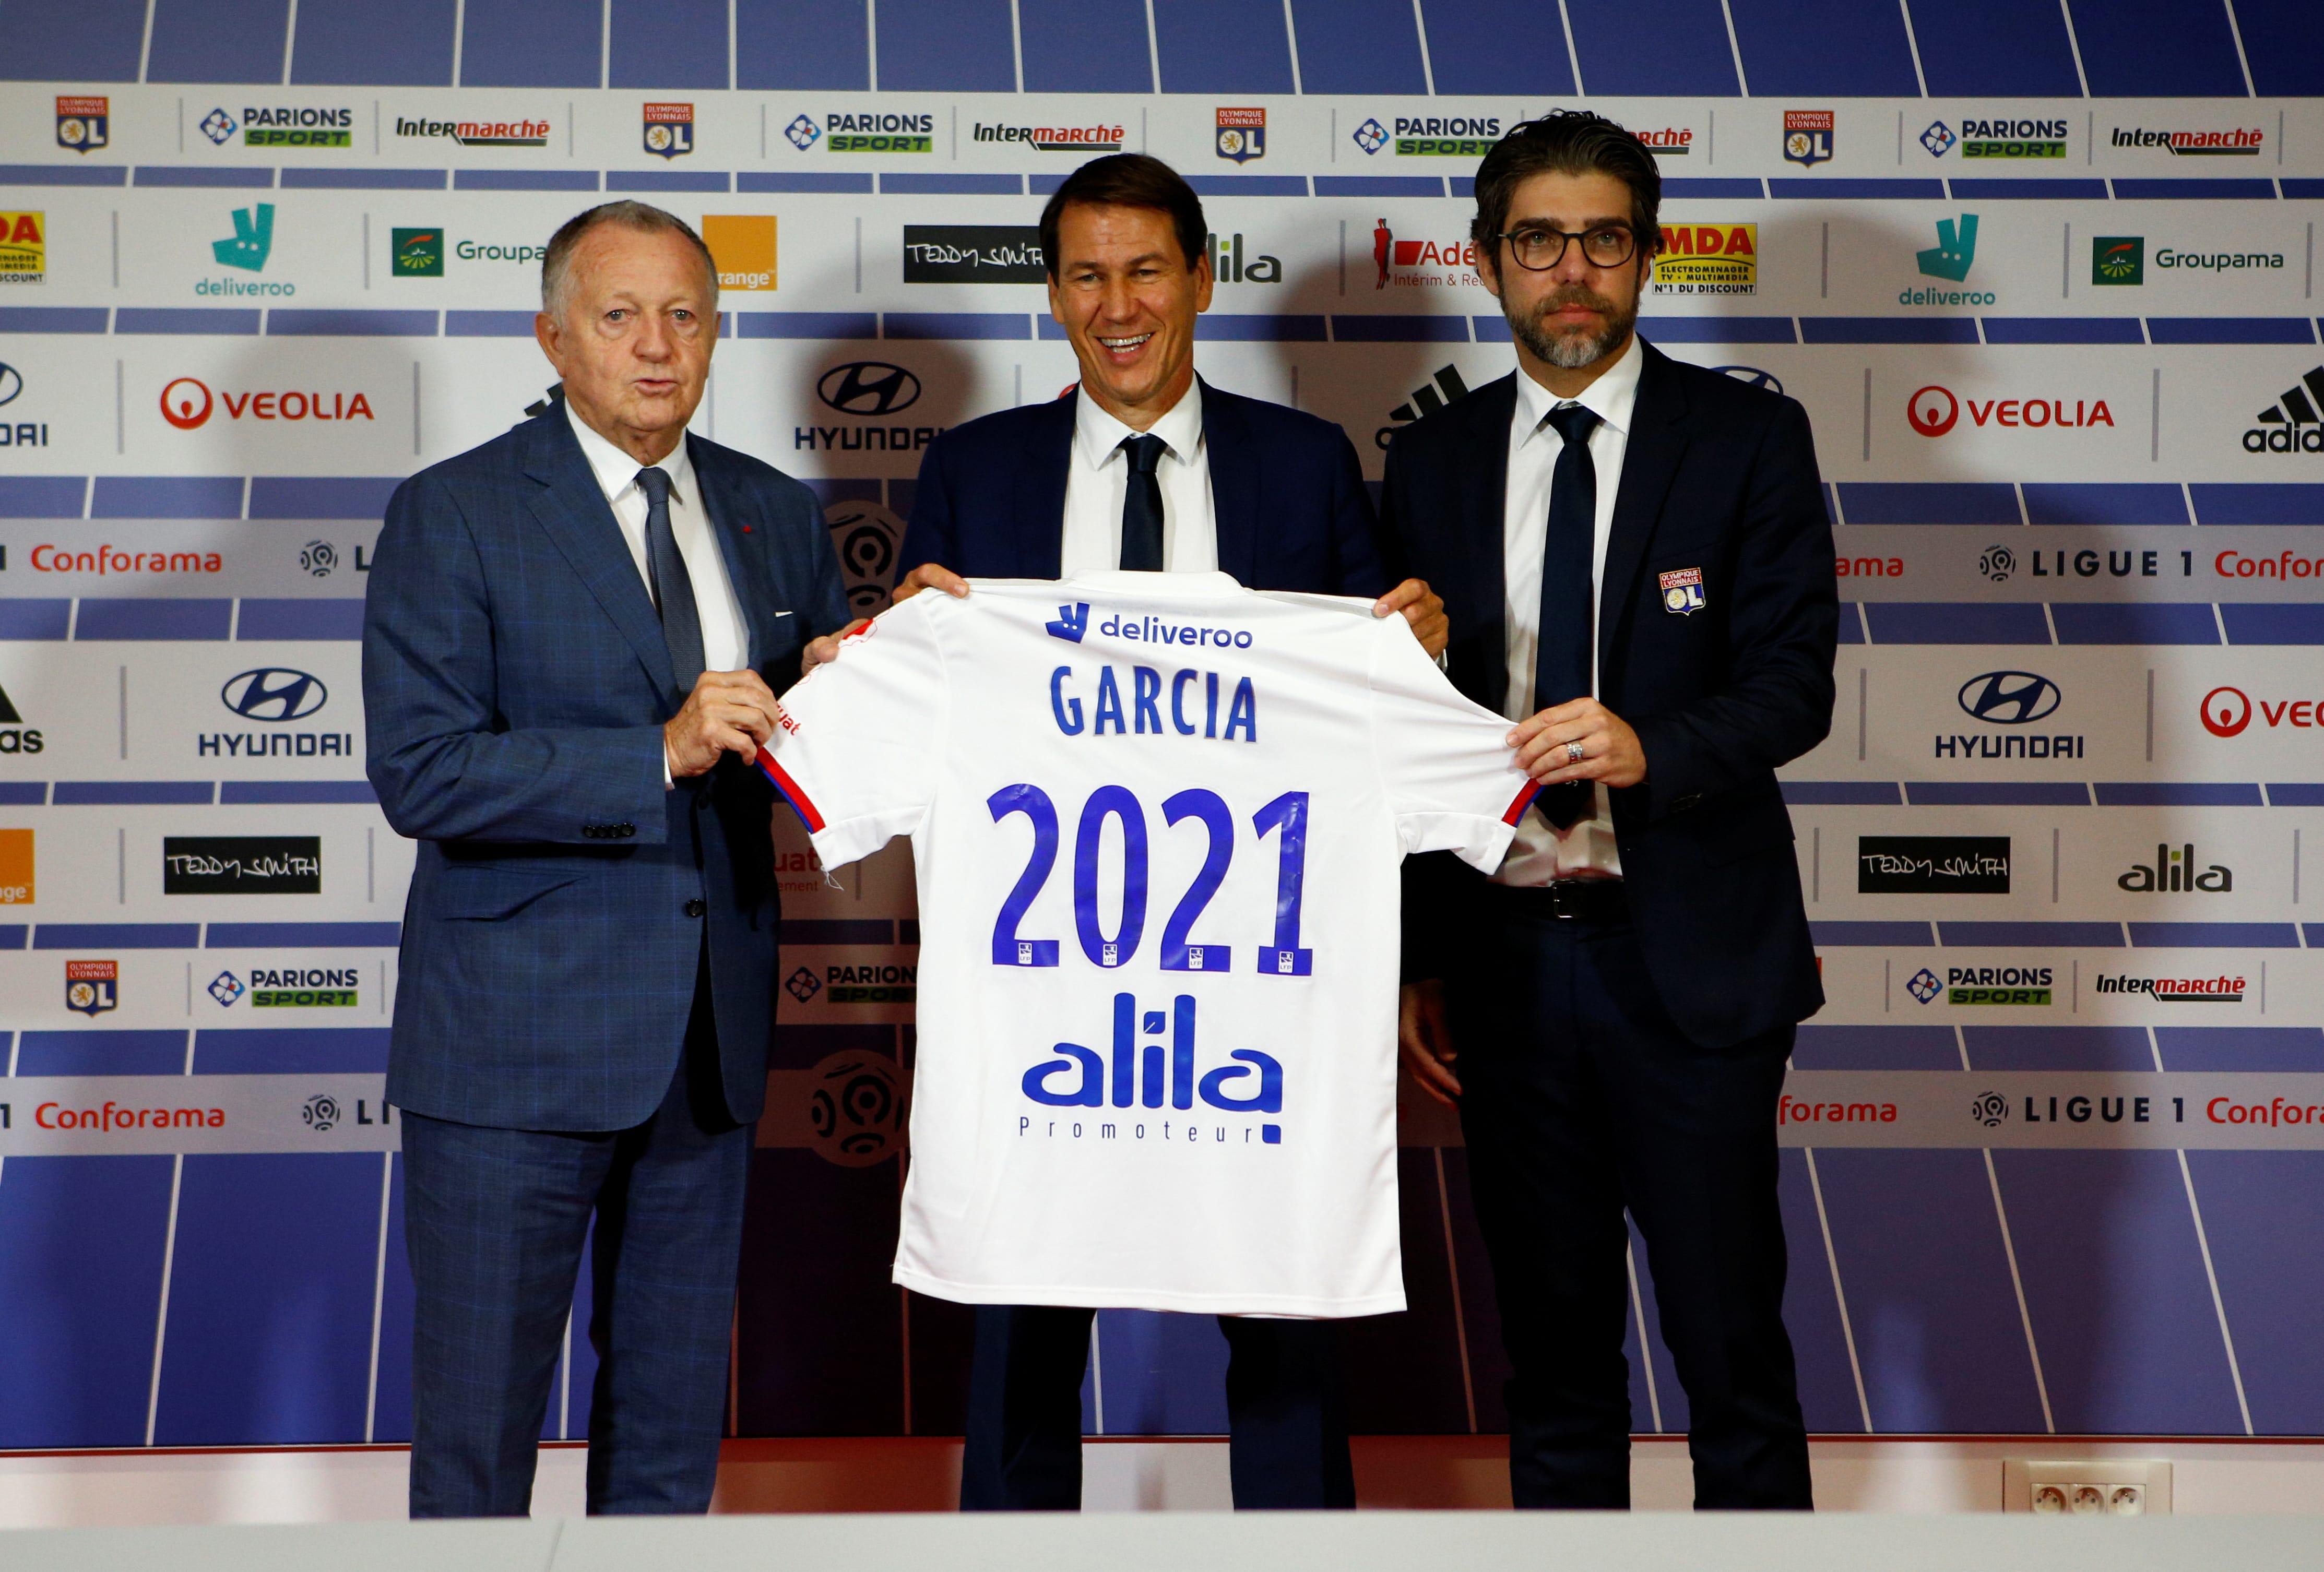 Rudi Garcia takes over Lyon as replacement for former coach Sylvinho